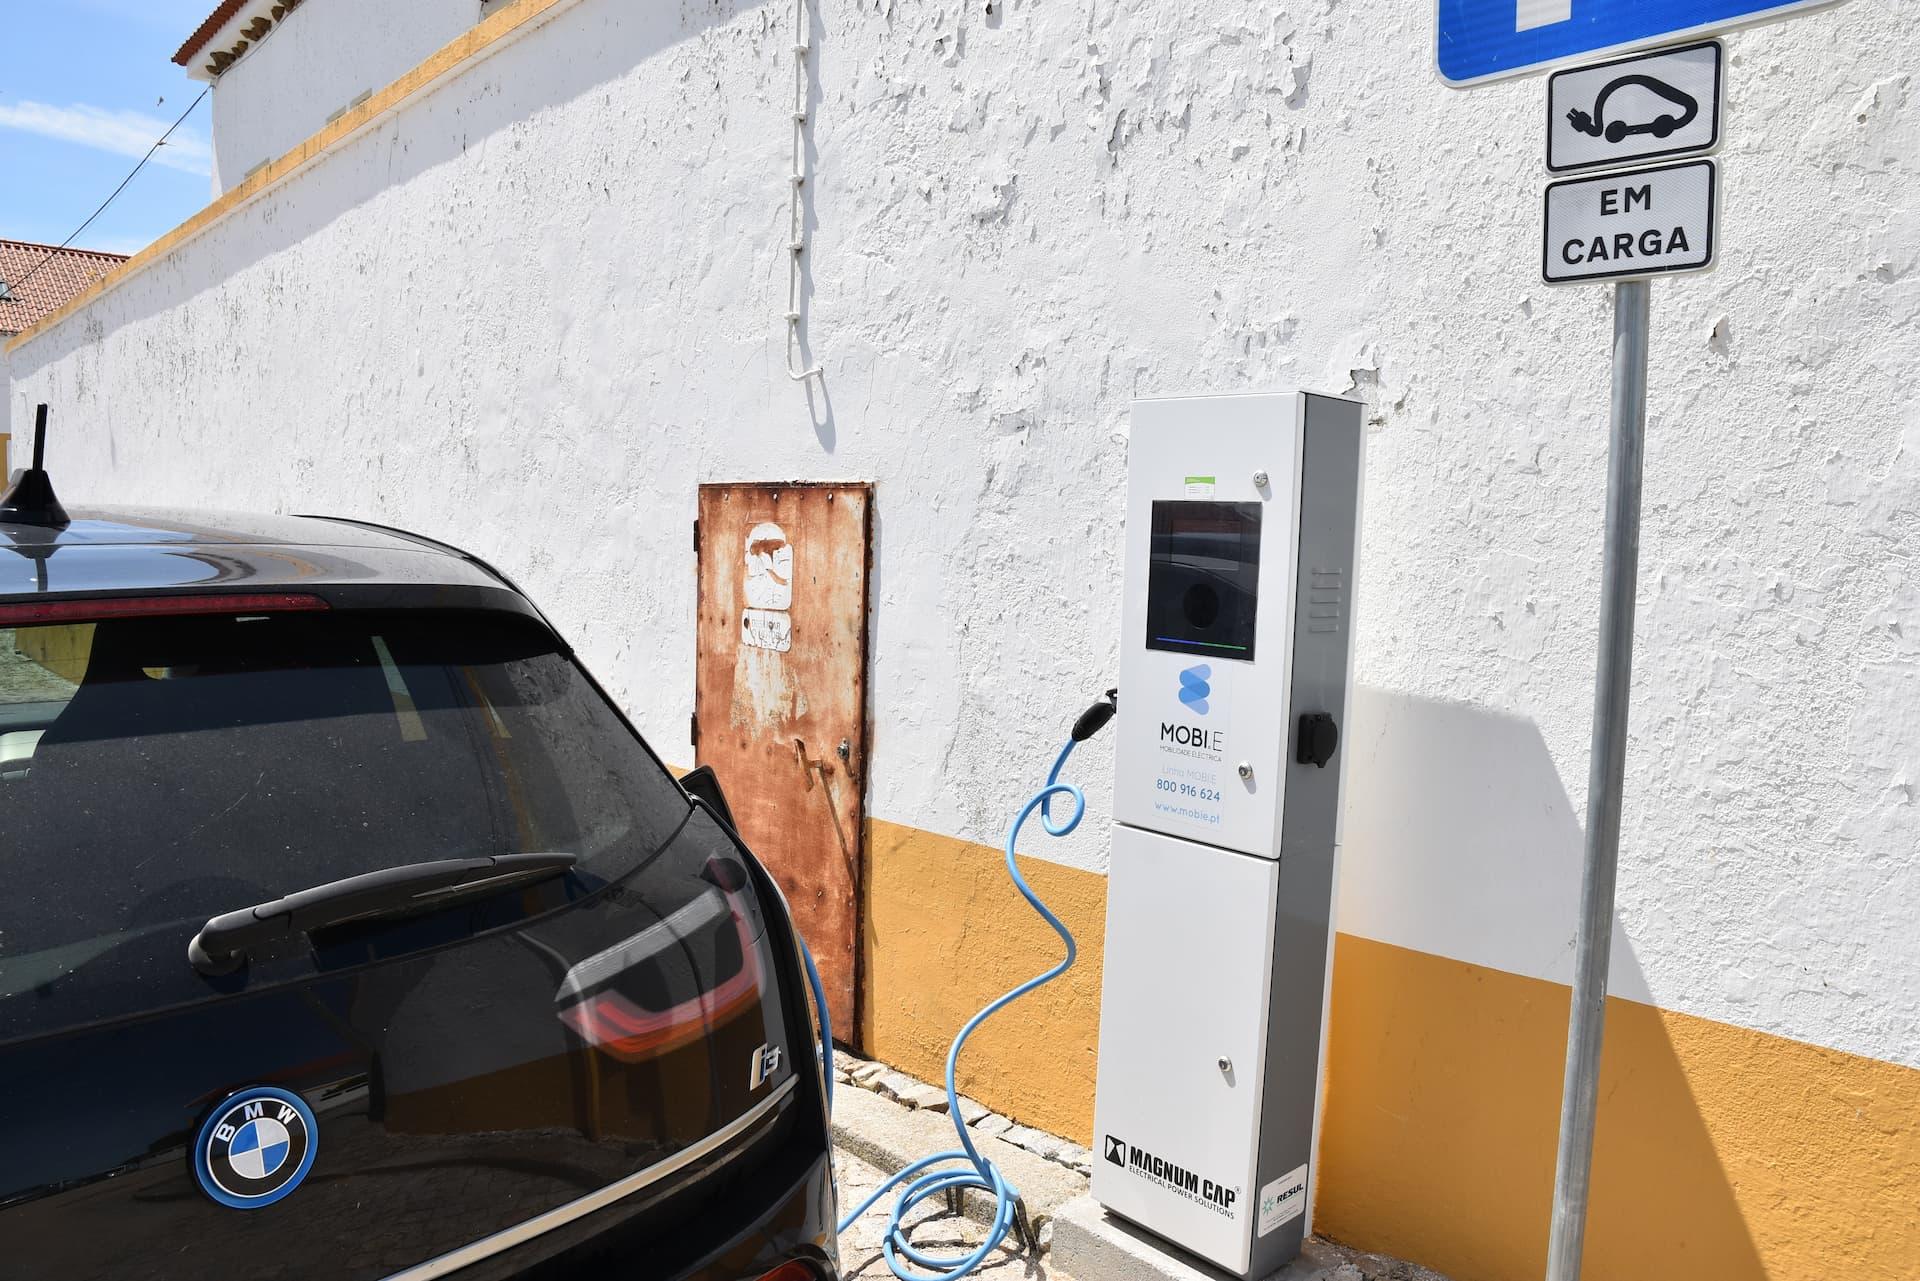 Veículos elétricos já carregam no Concelho de Mora